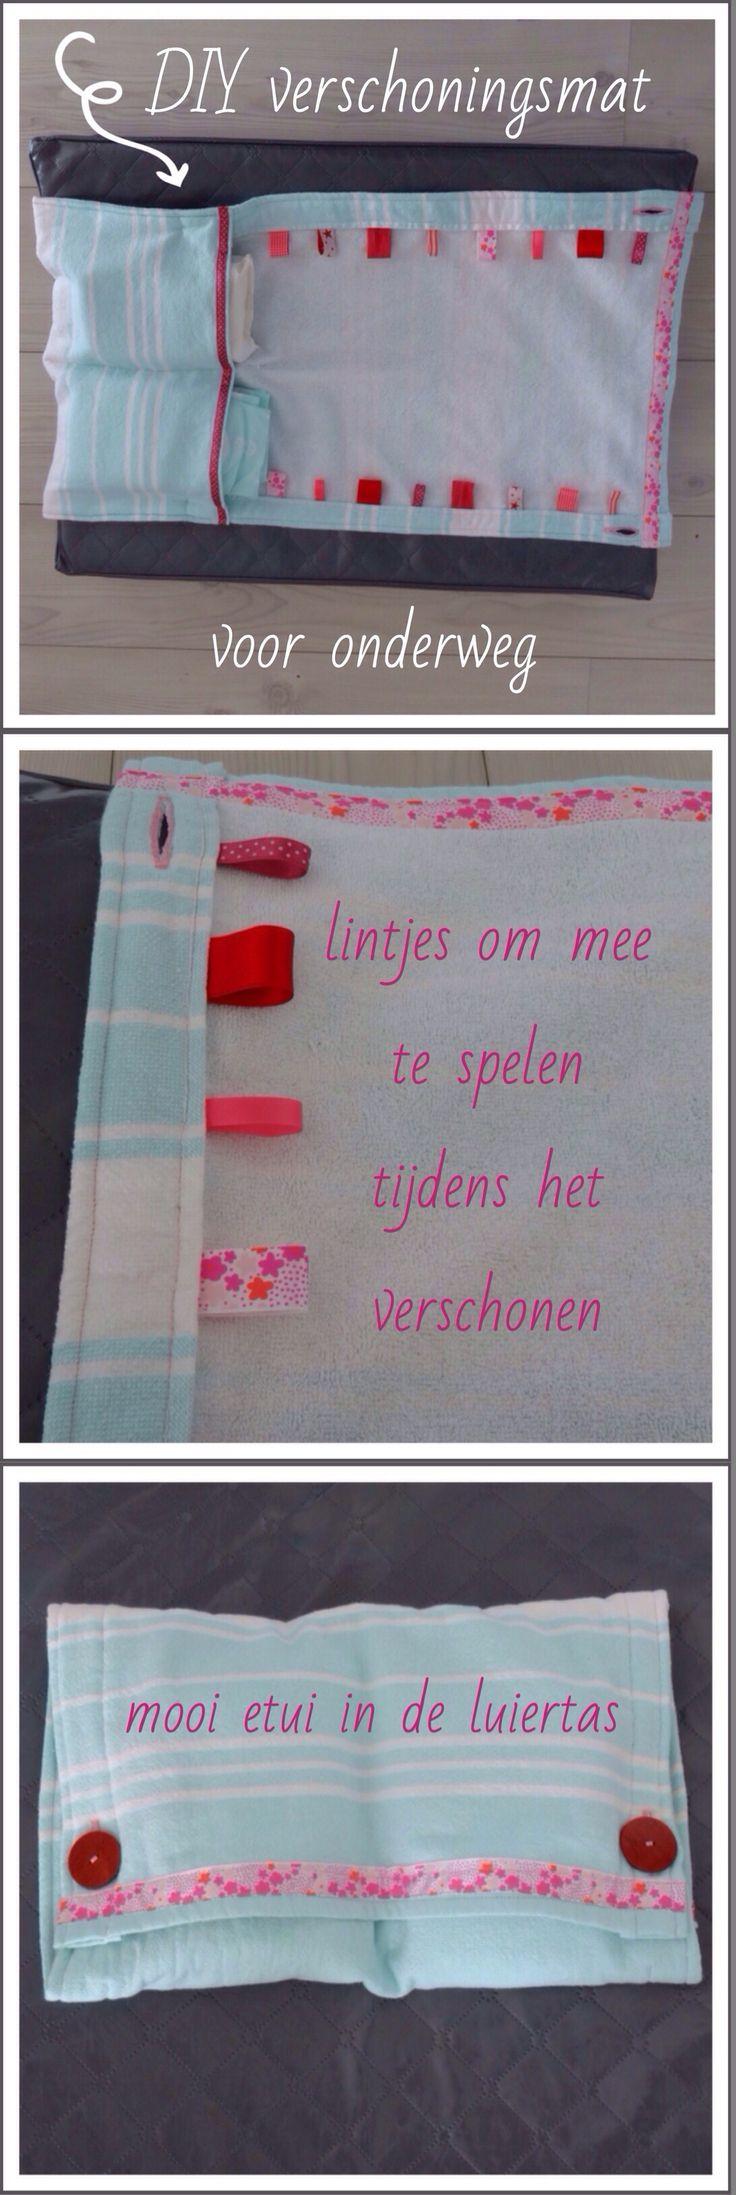 Handig voor onderweg: een zelfgemaakte verschoningsmat annex luieretui. Super makkelijk om te maken van een handdoek en met lintjes waar je baby mee kan spelen. Luier etui. Changing mat diy for baby. #leukmetkids